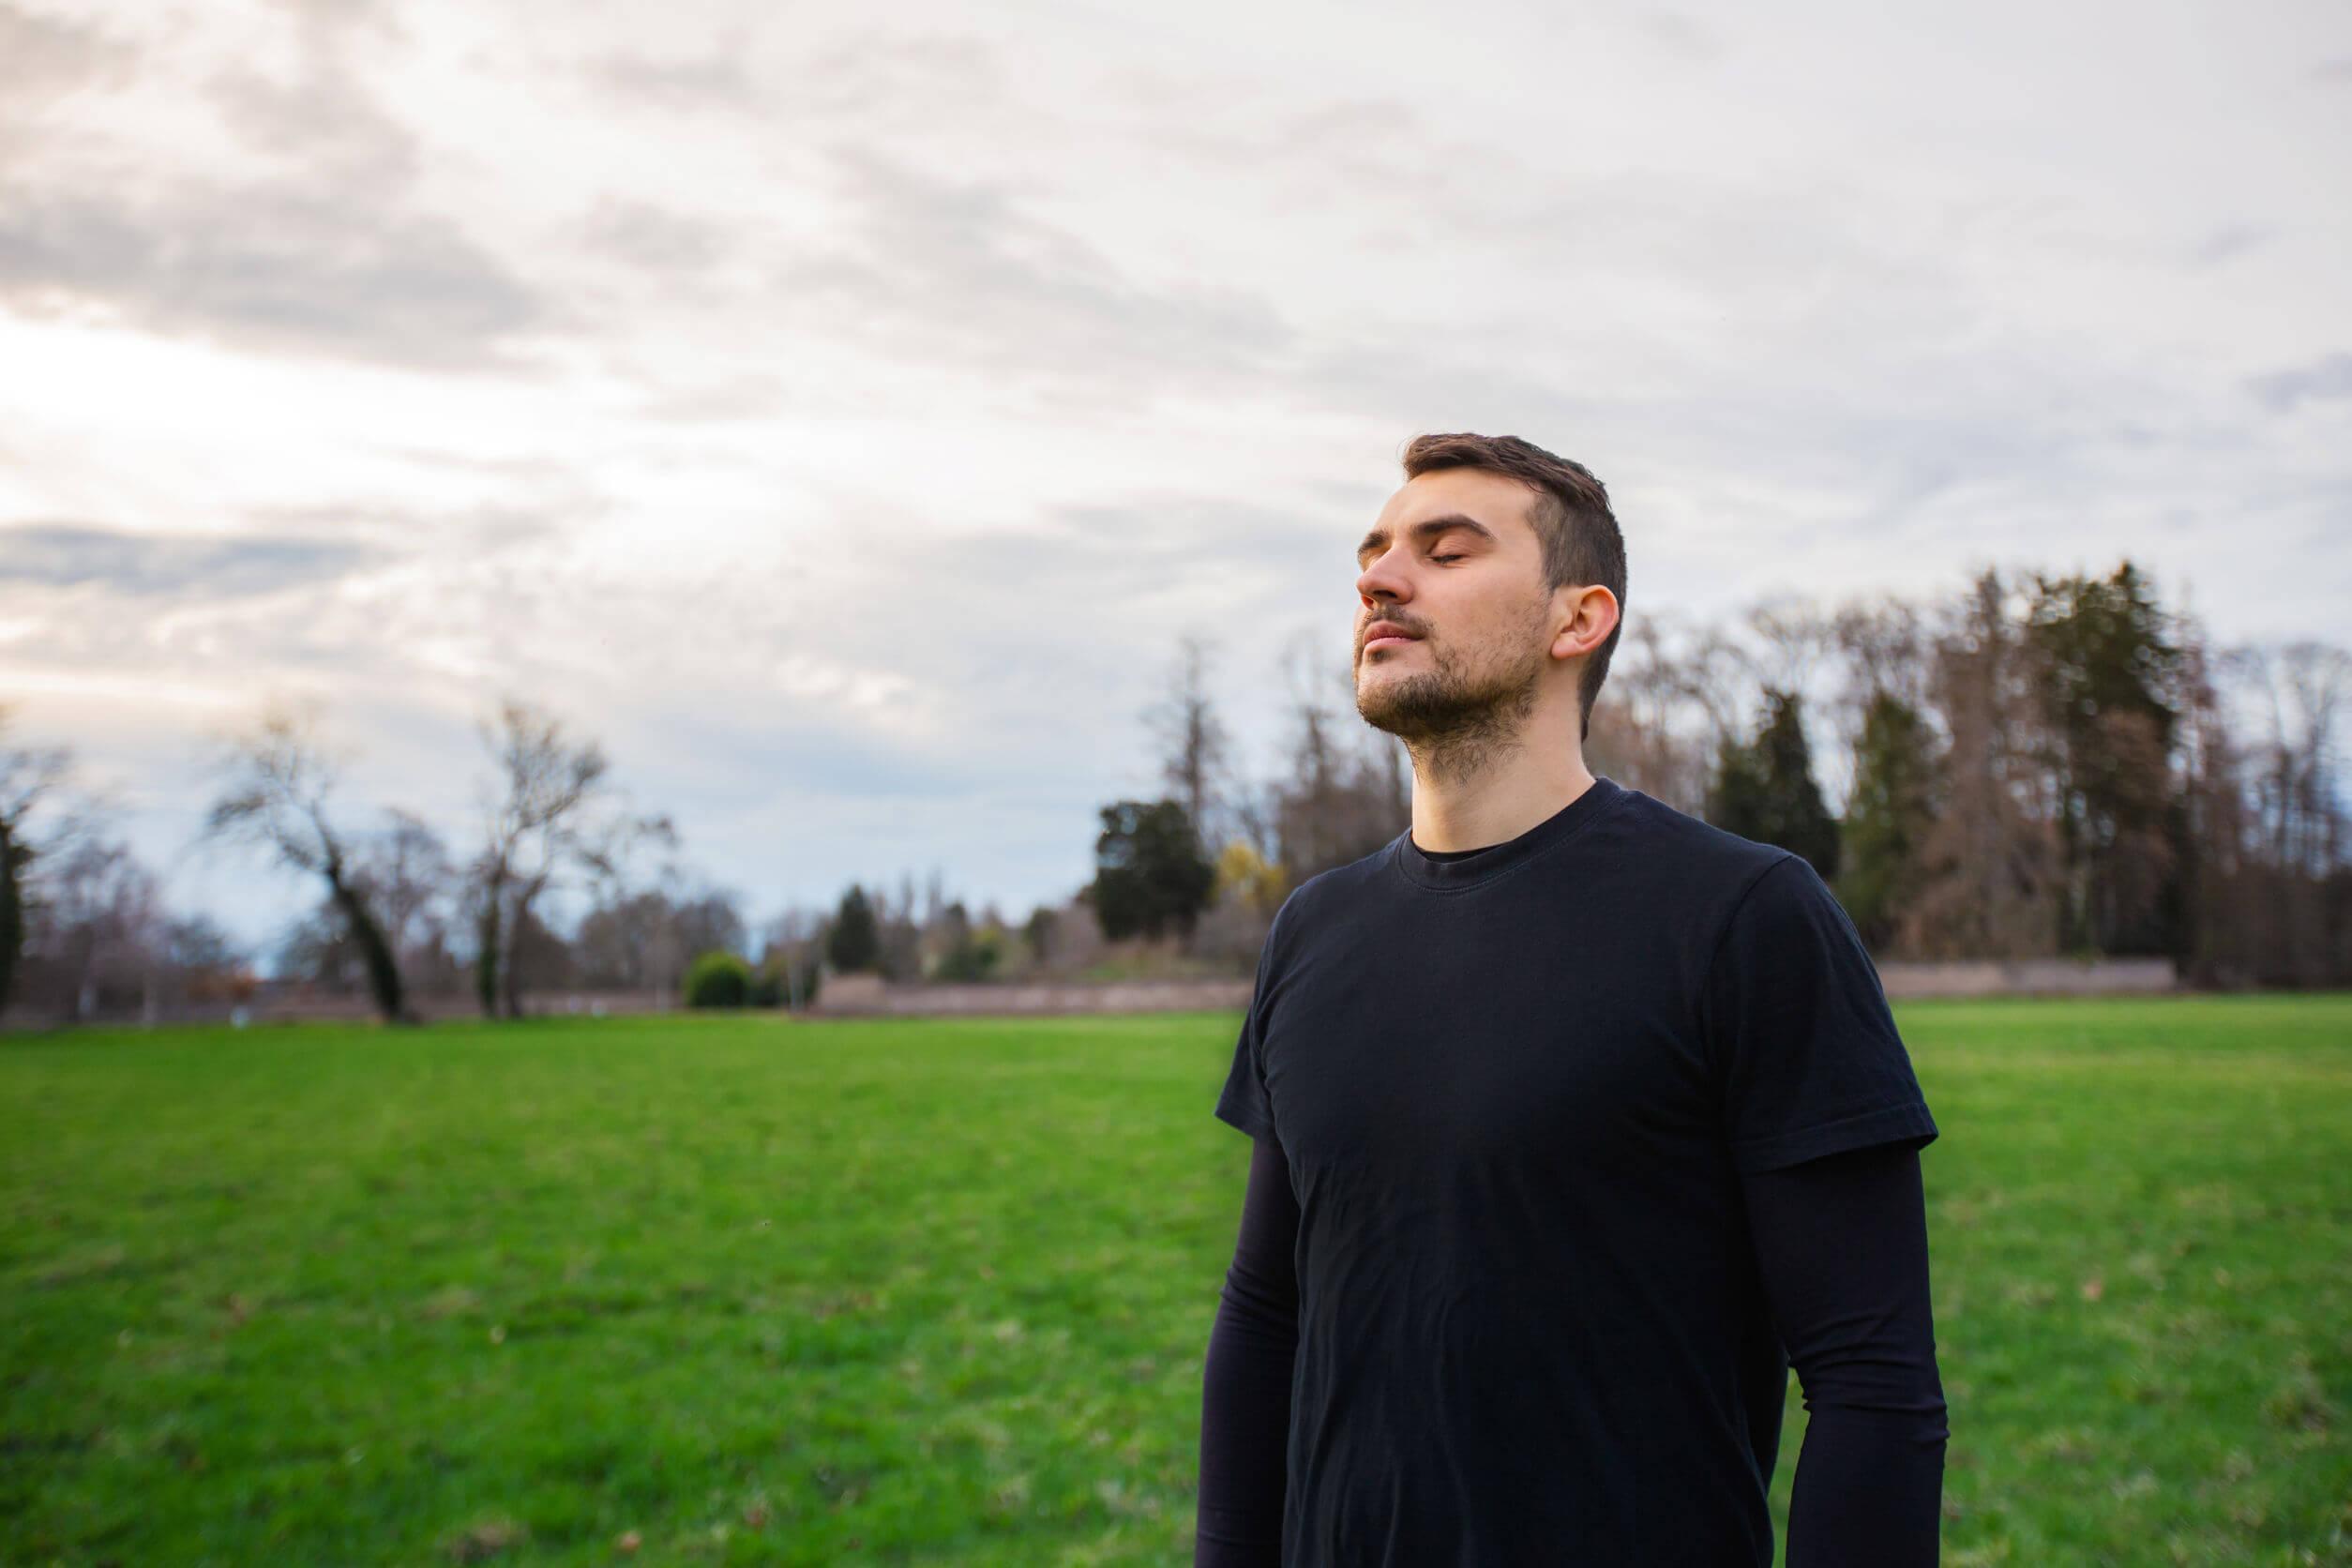 Algunas técnicas de respiración permiten despejar la mente.